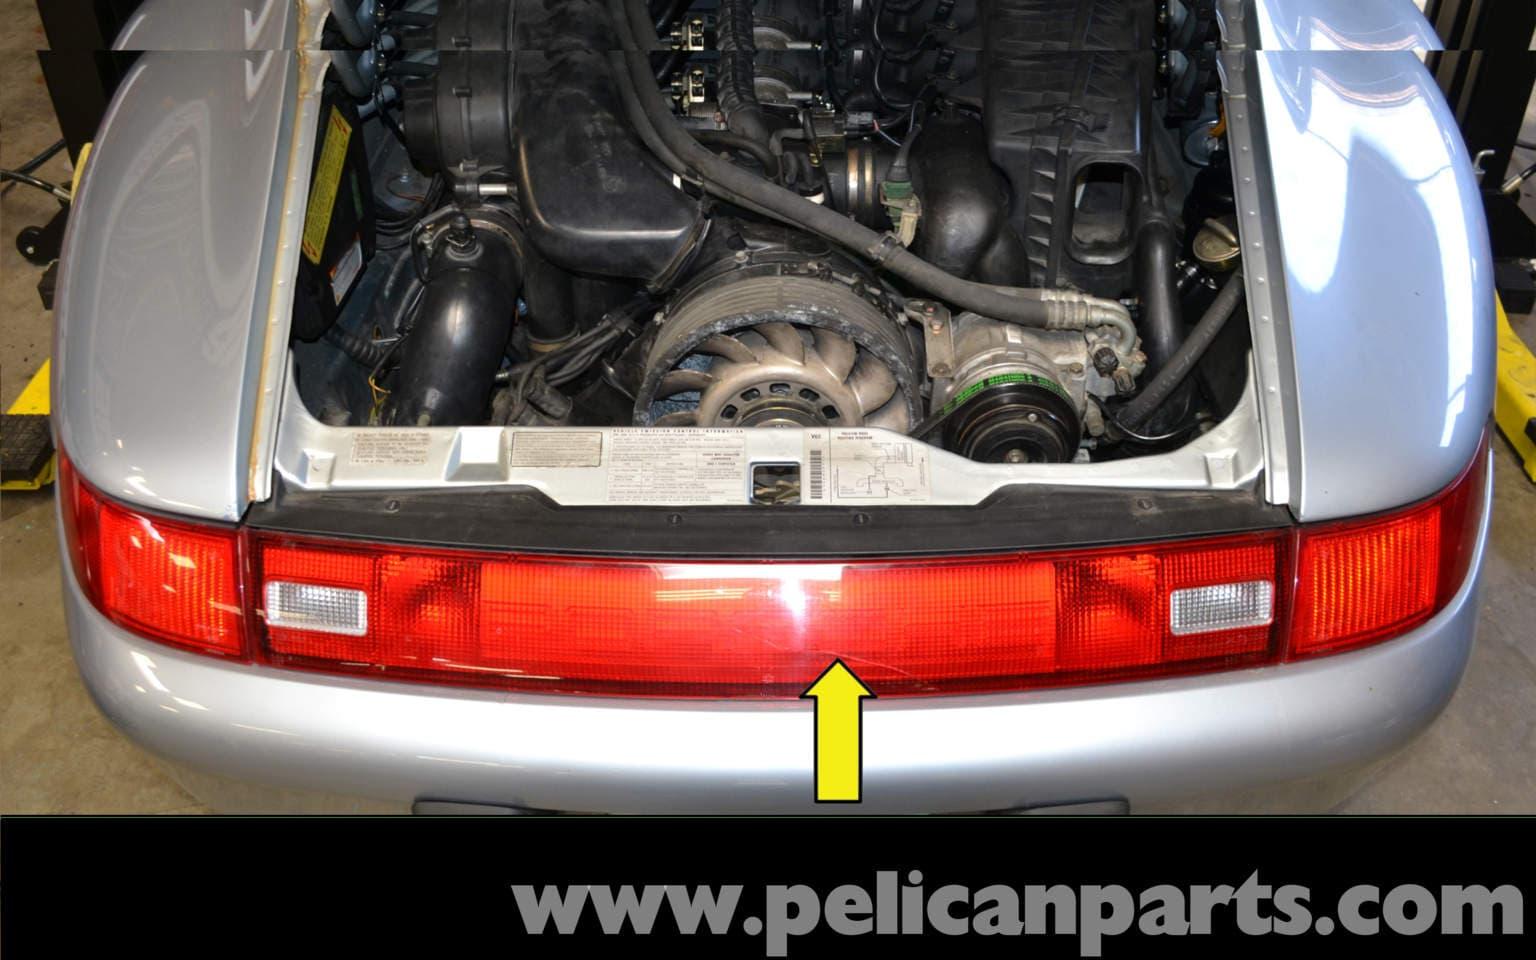 Pelican Technical Article Porsche 993 Rear Reflector